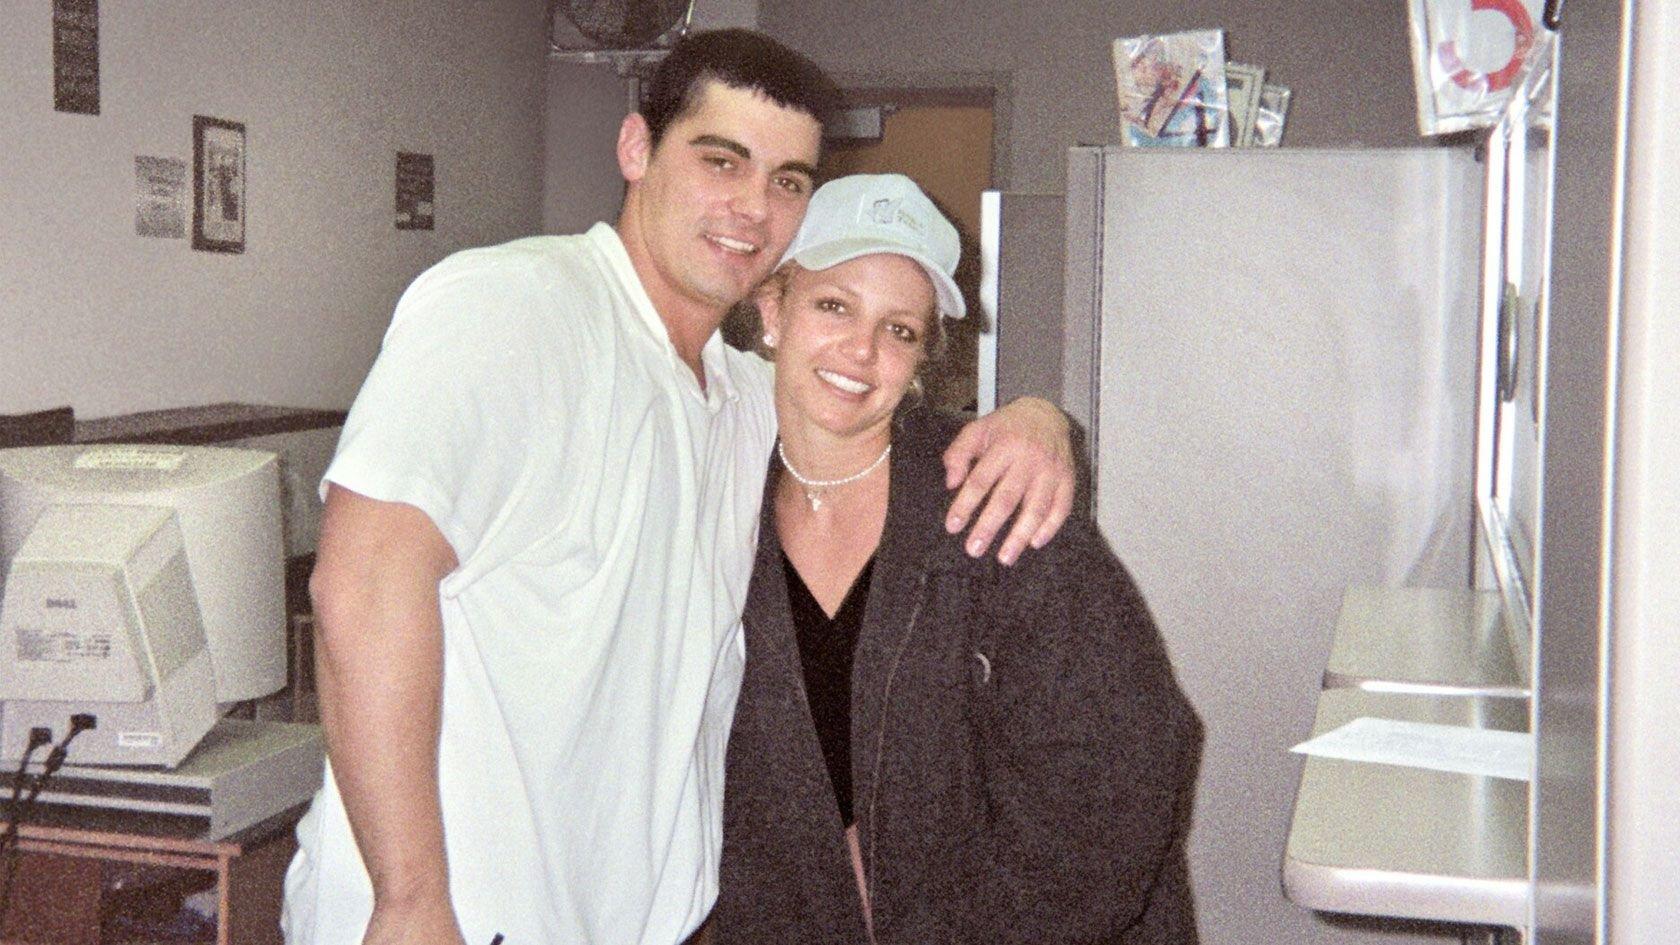 Бывший муж Бритни Спирс заявил, что все еще её любит